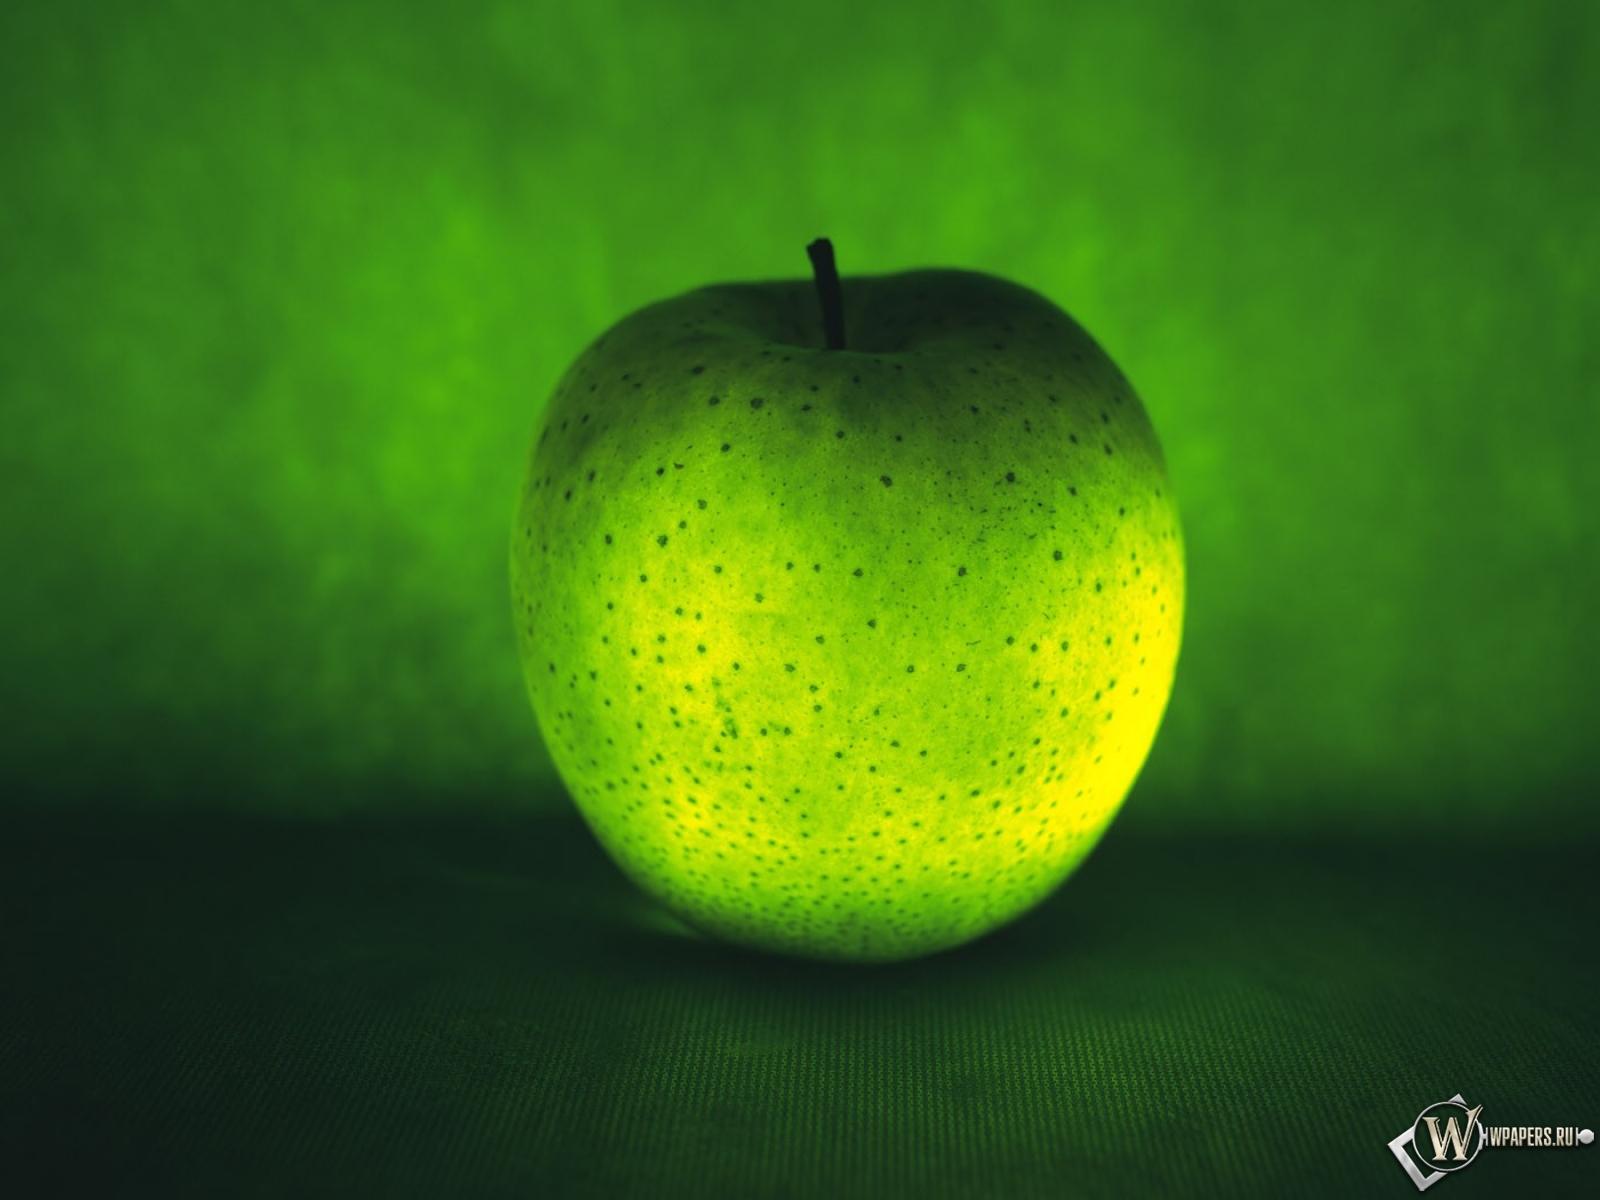 Зеленое яблоко на зеленом фоне